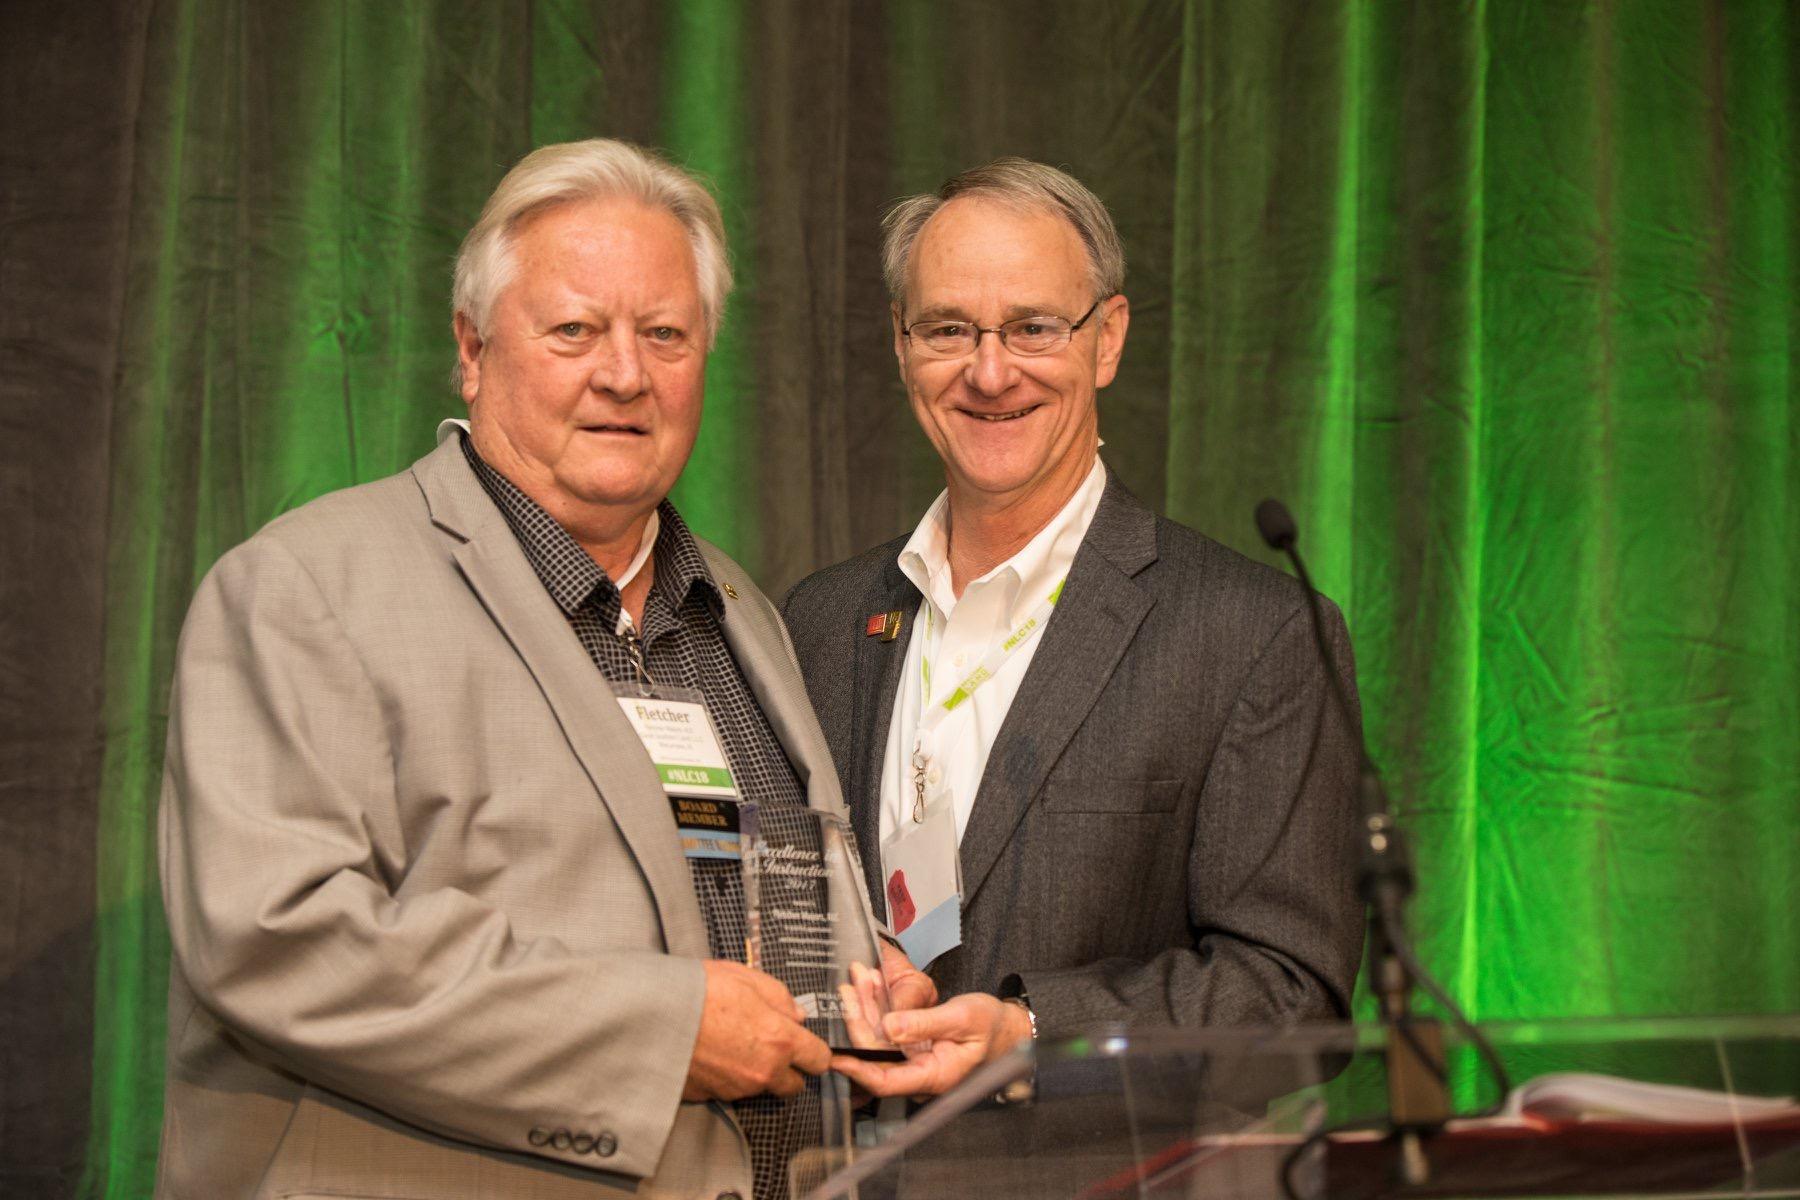 Alabama Land Leader Receives National REALTORS Land Institute Award